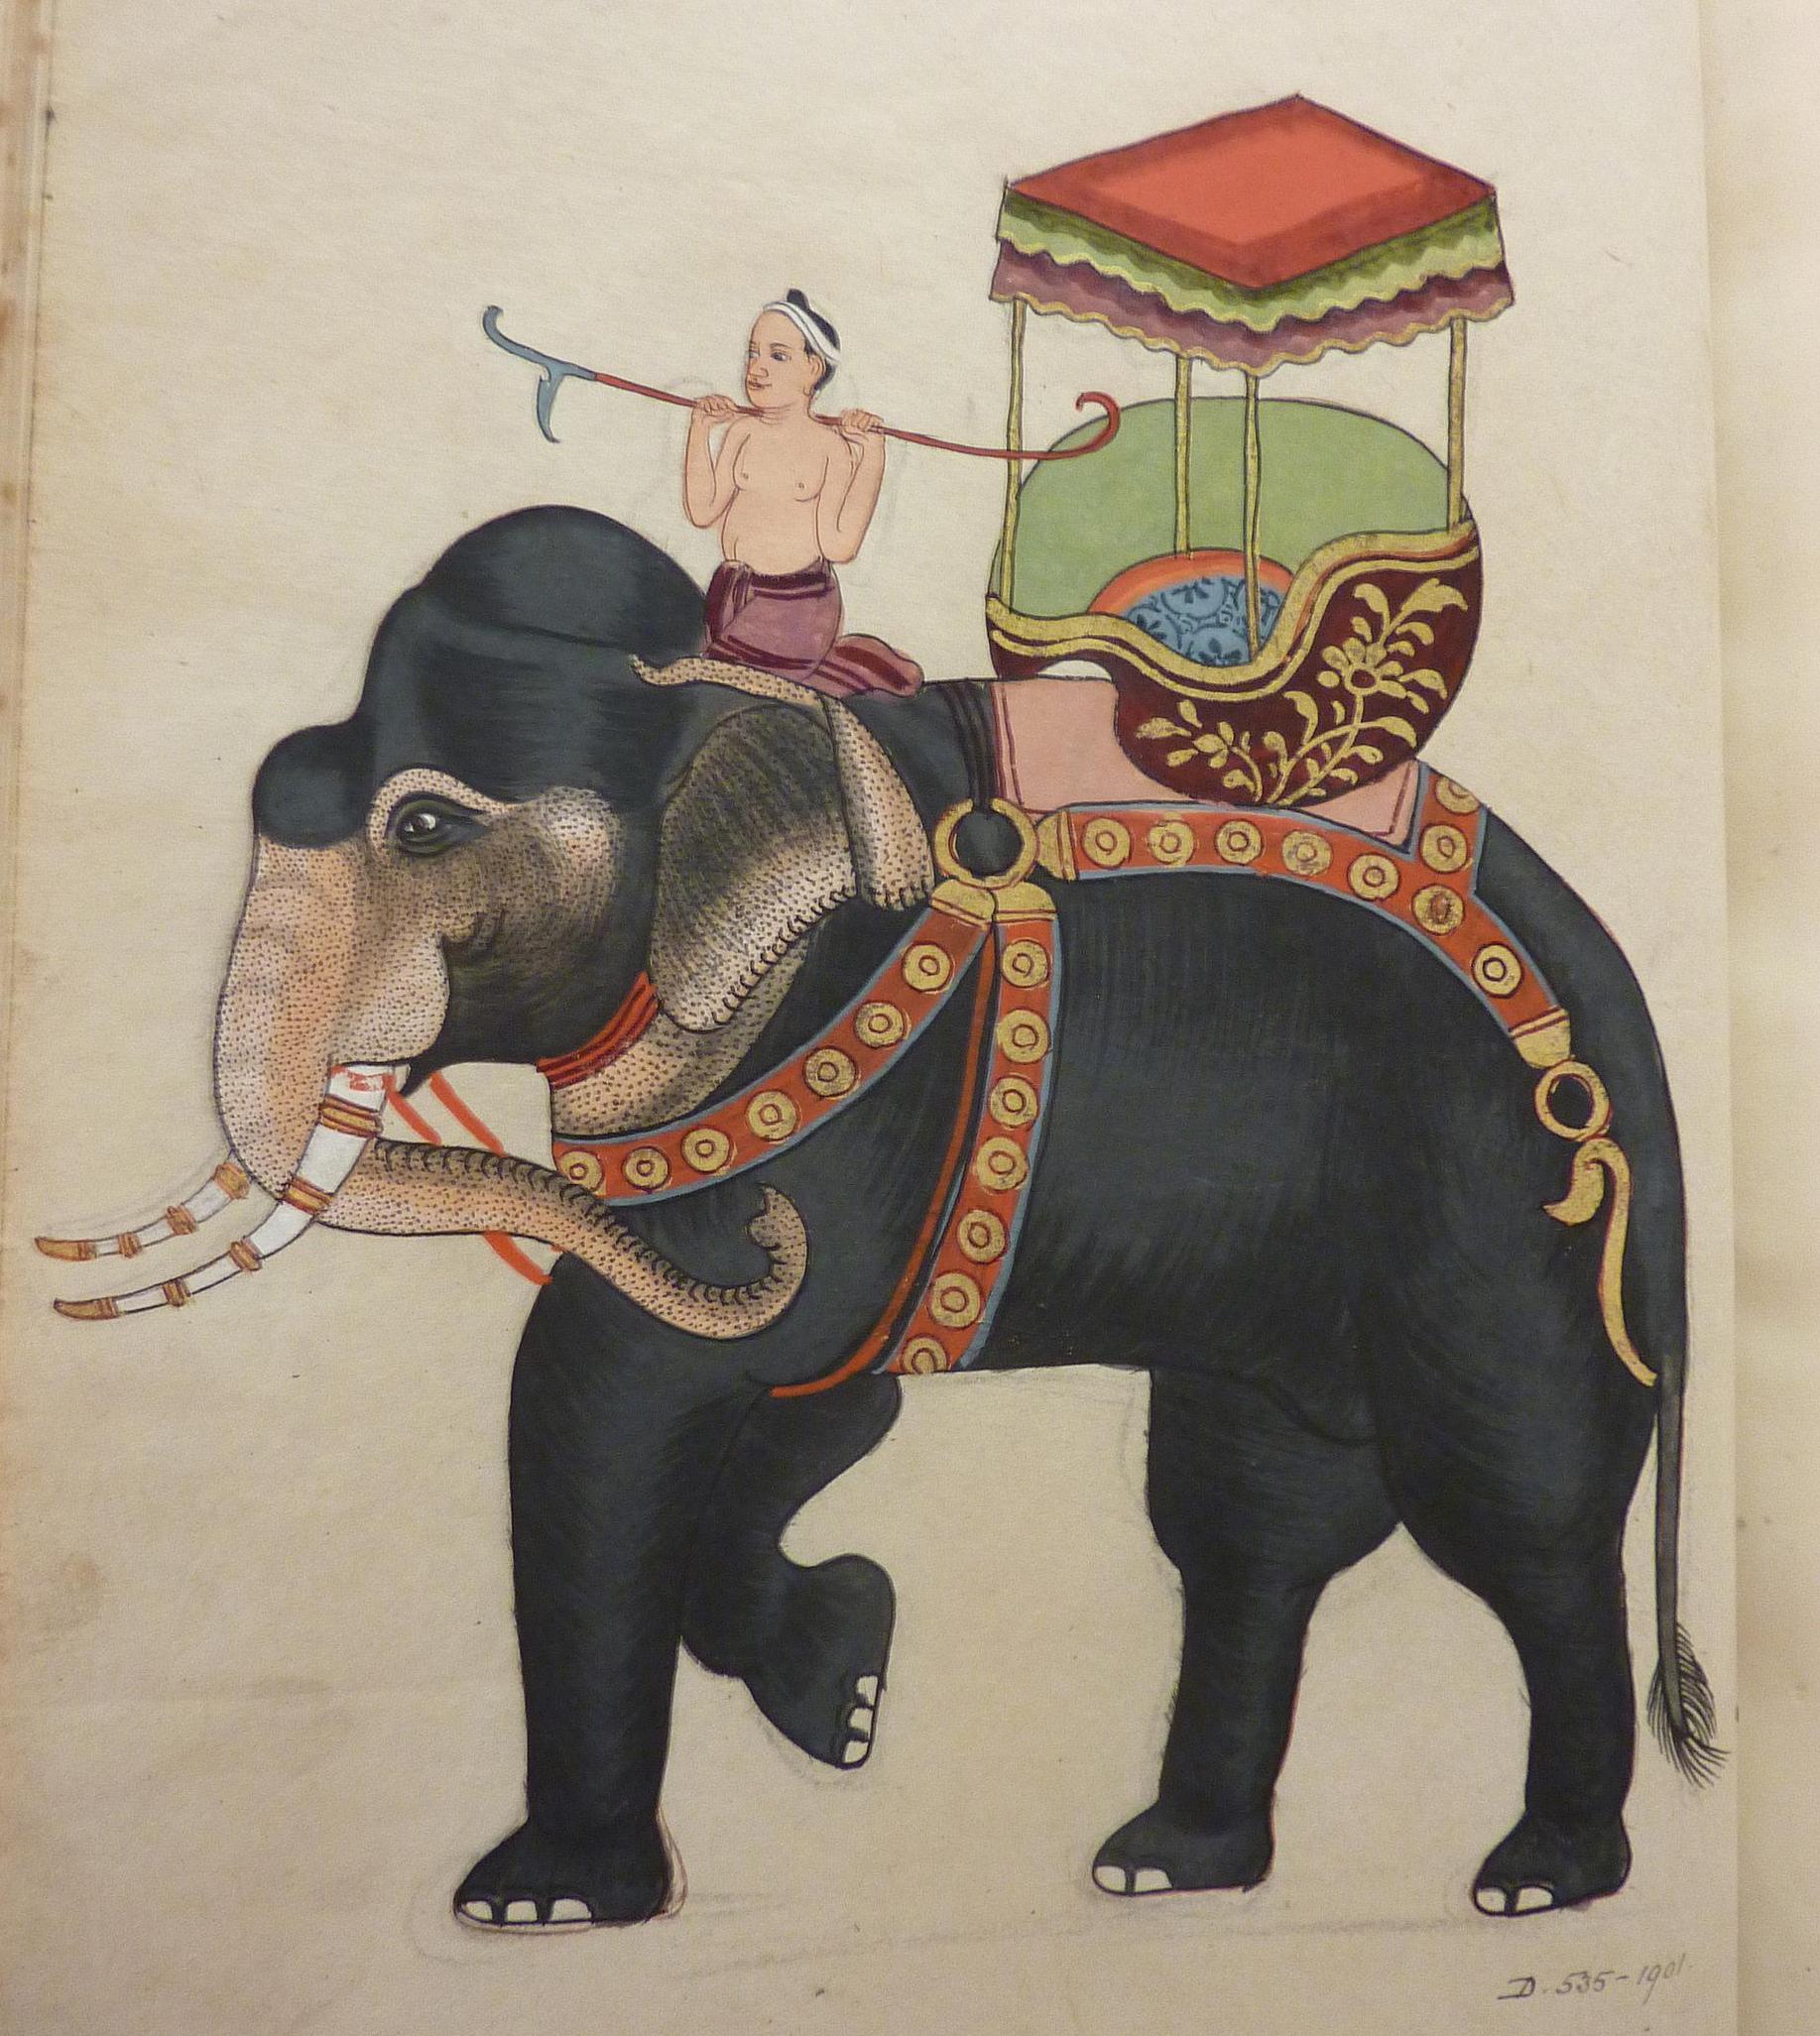 d-535-1901-the-kings-girls-elephant.jpg